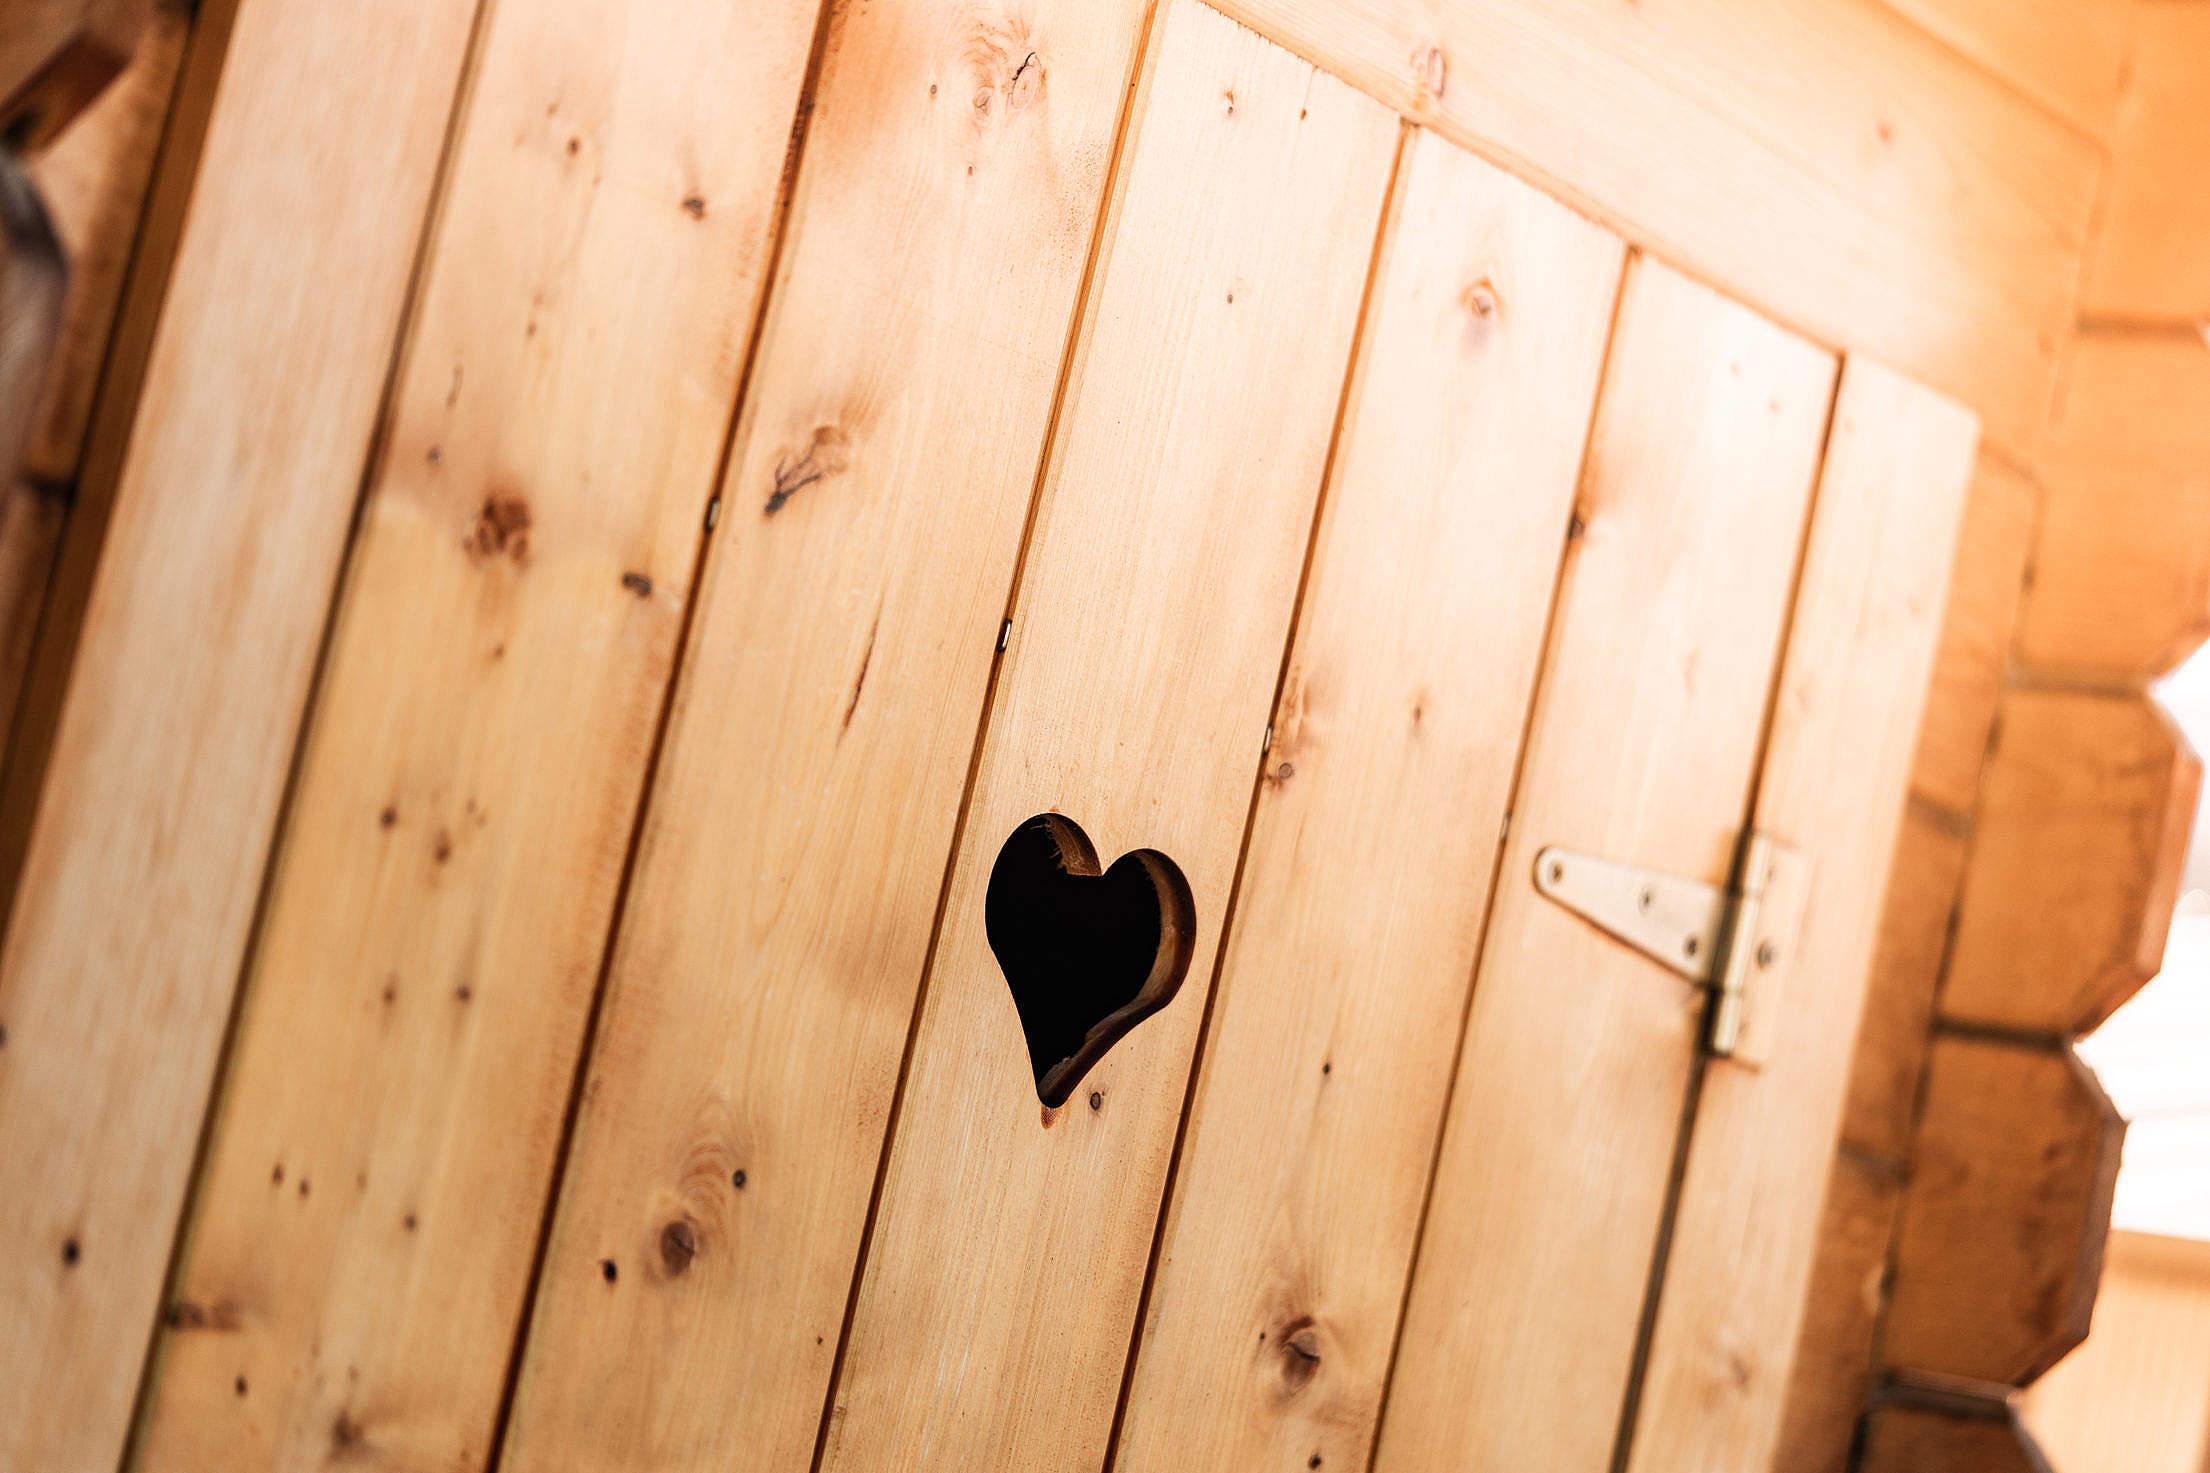 Imagen que contiene hecho de madera, interior, madera, muebles  Descripción generada automáticamente